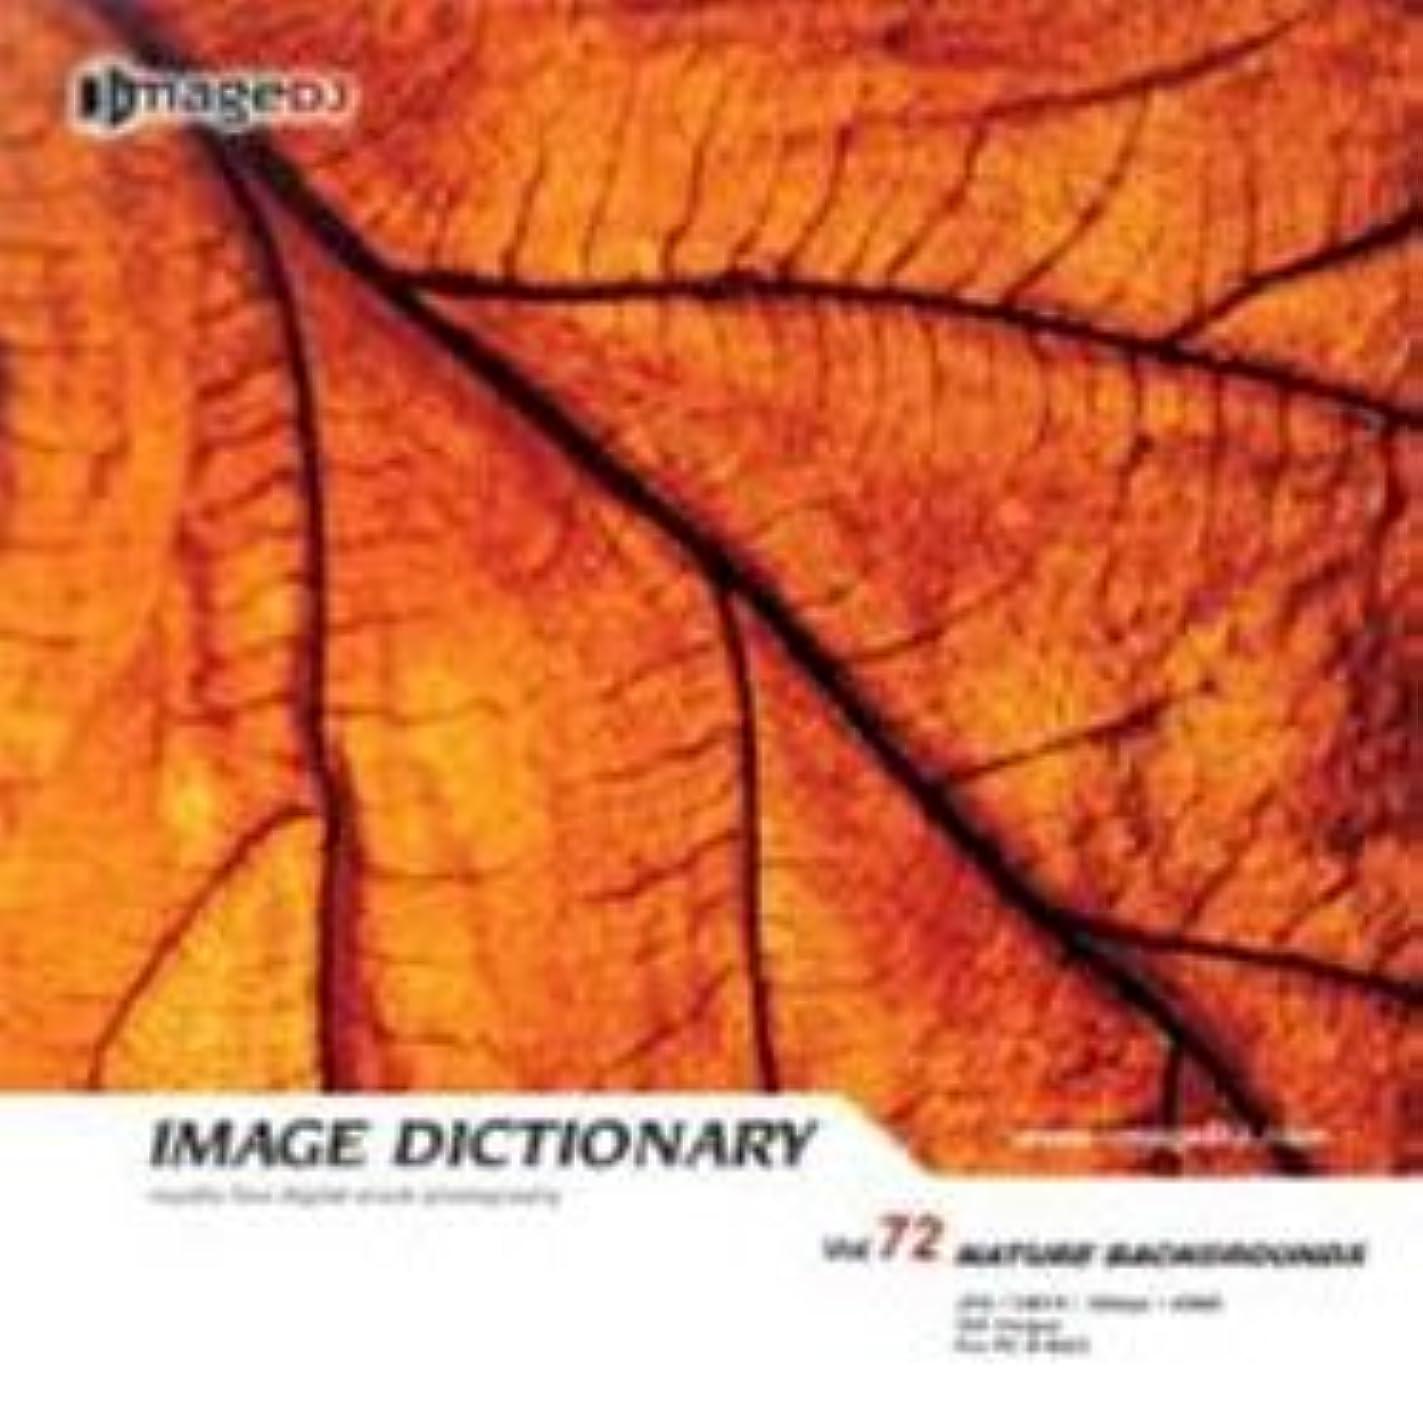 粘性の病的再撮りイメージ ディクショナリー Vol.72 自然の背景